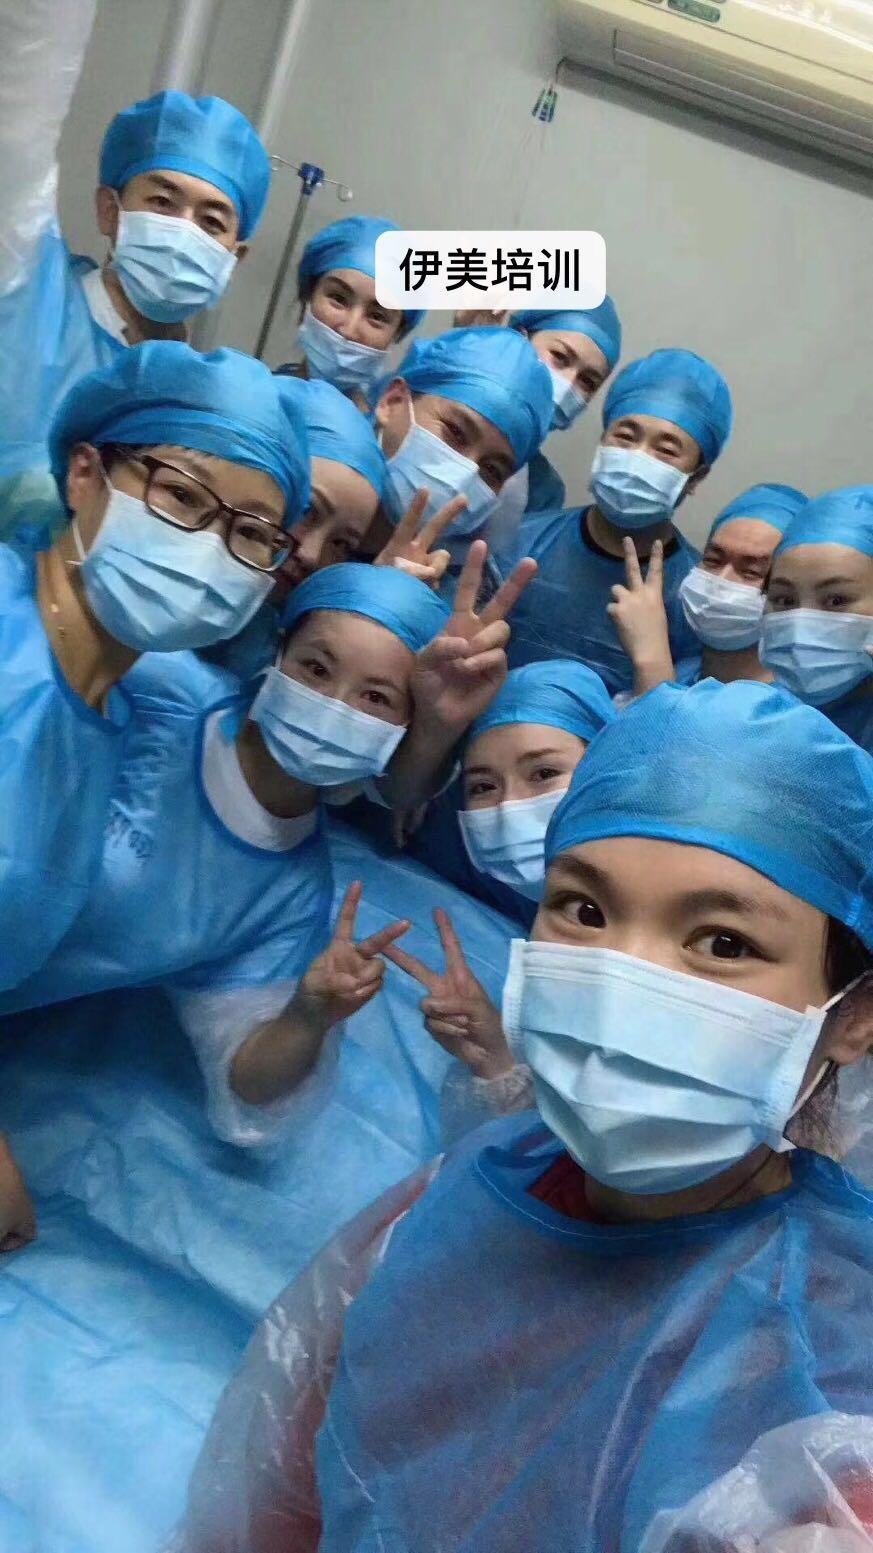 韩国皮肤管理产品培训义马CIVASAN水光焕肤手把手教按摩视频图片